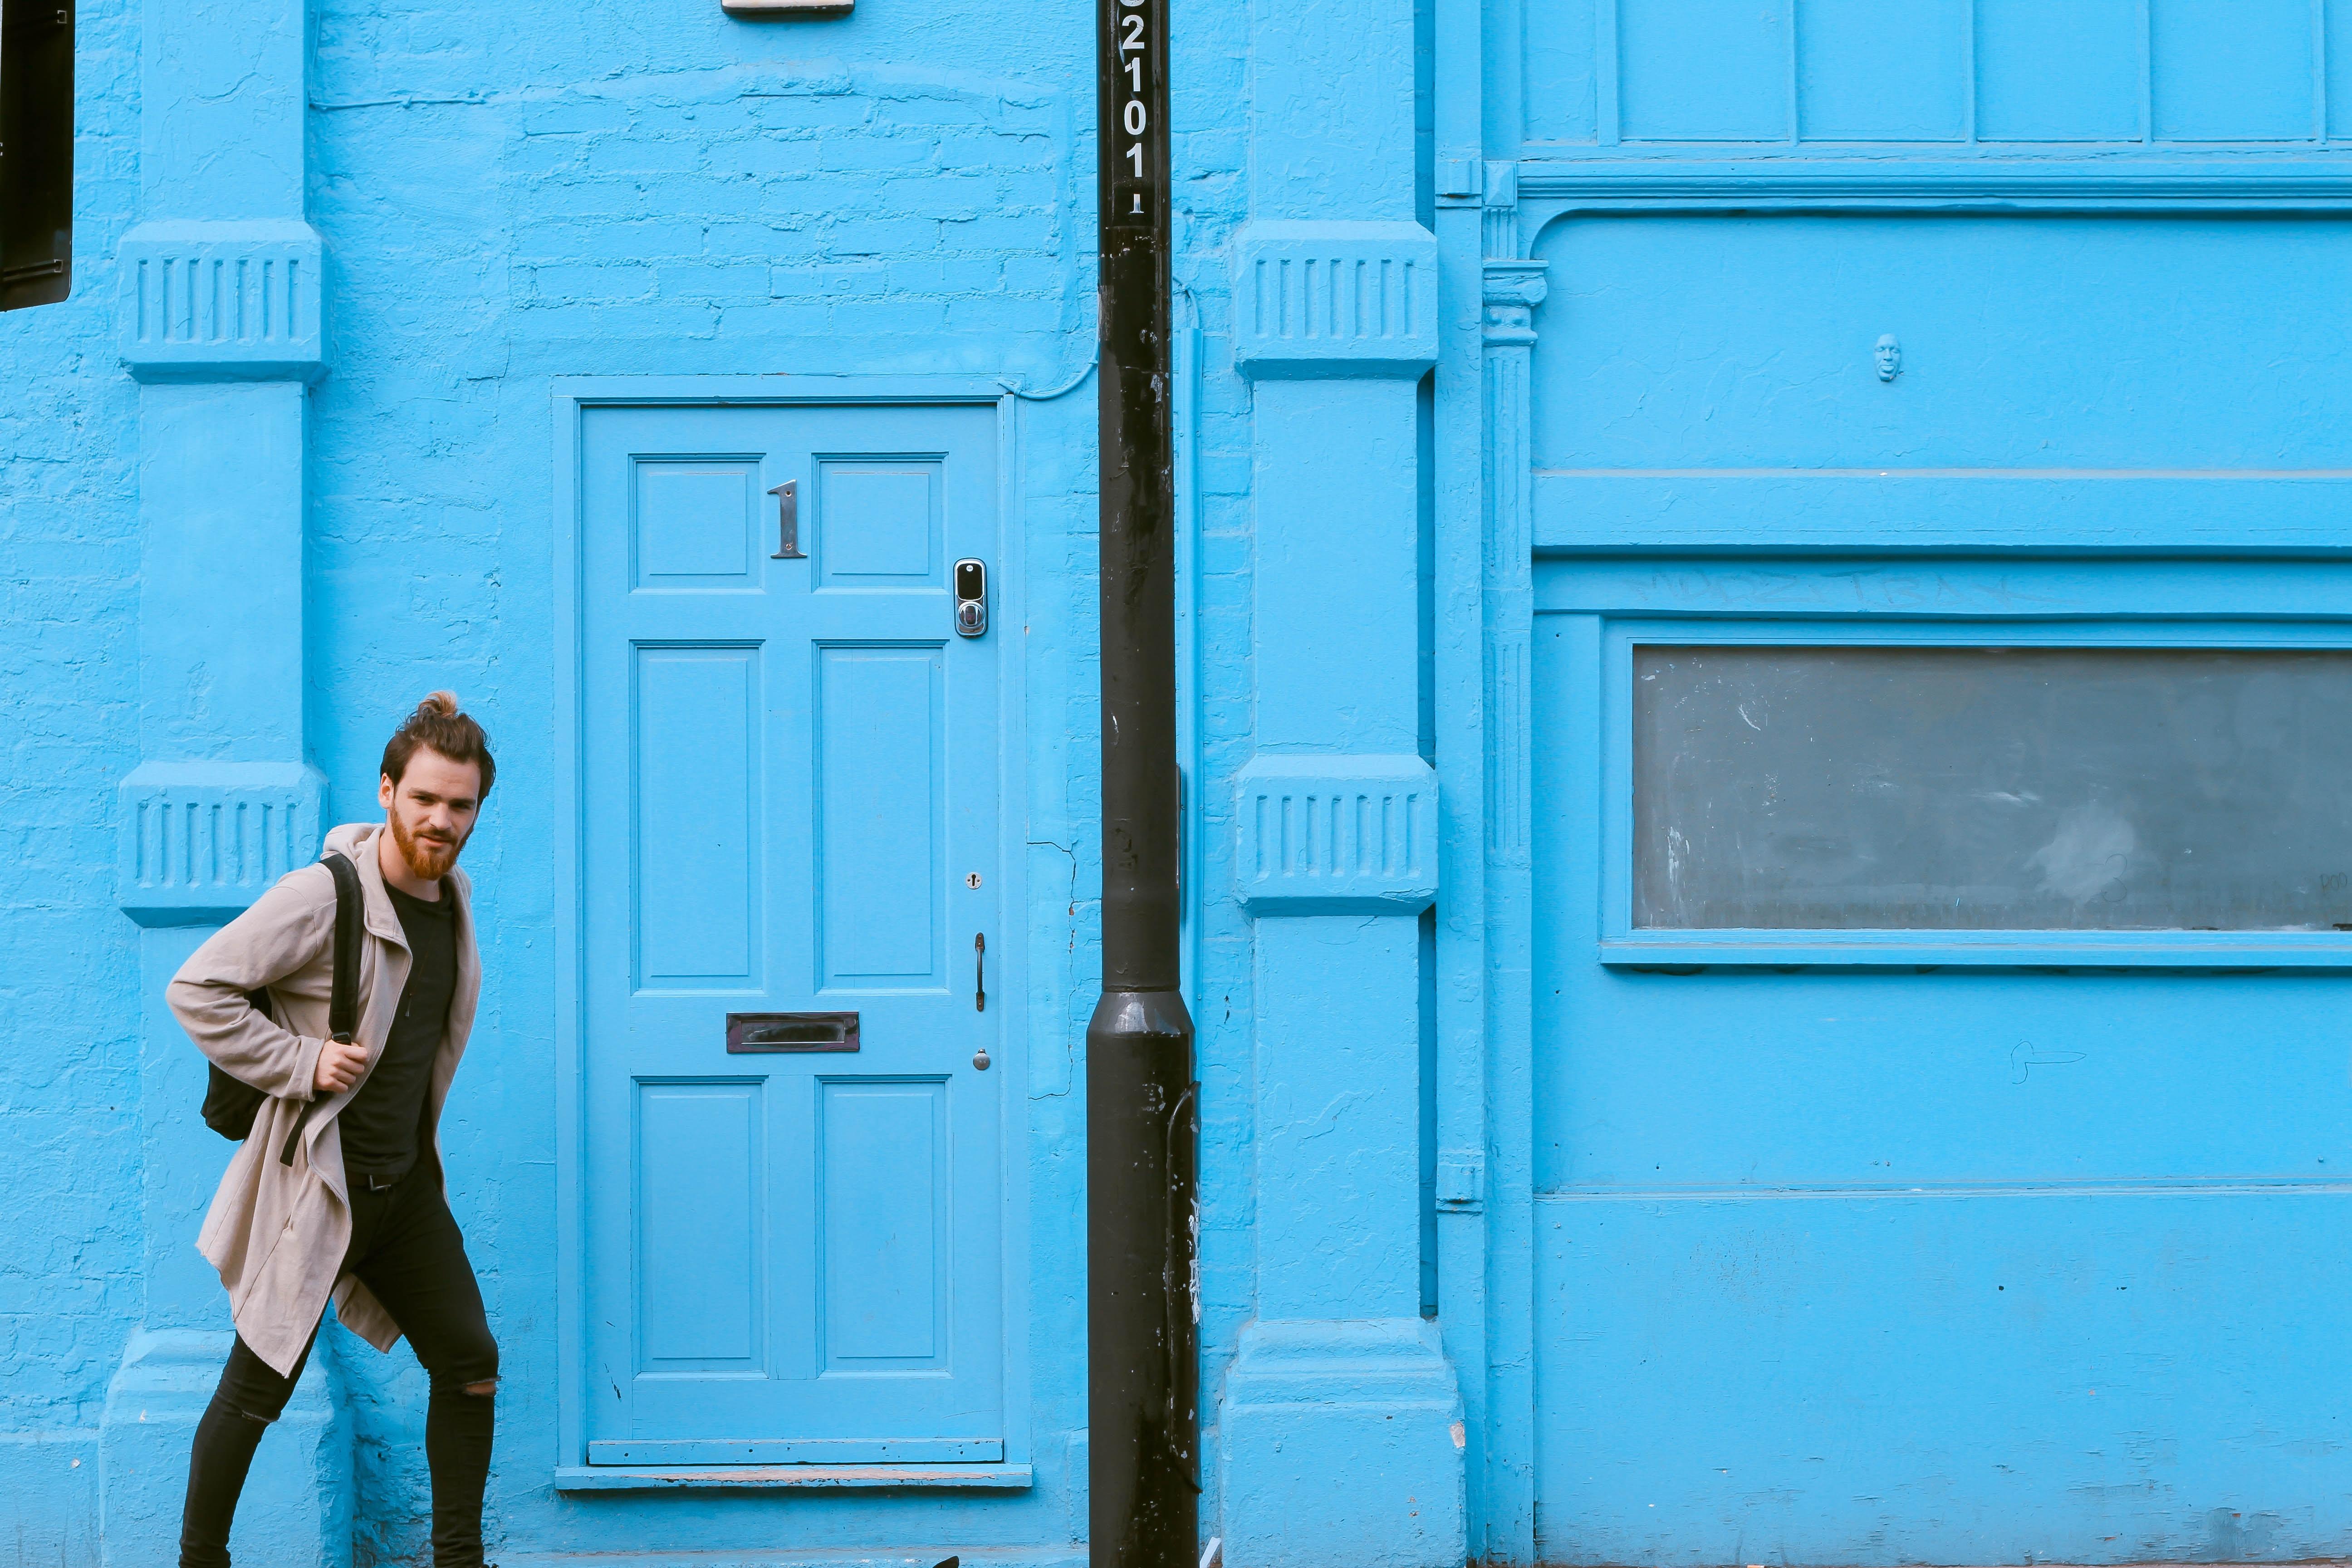 man passing through the door during daytime